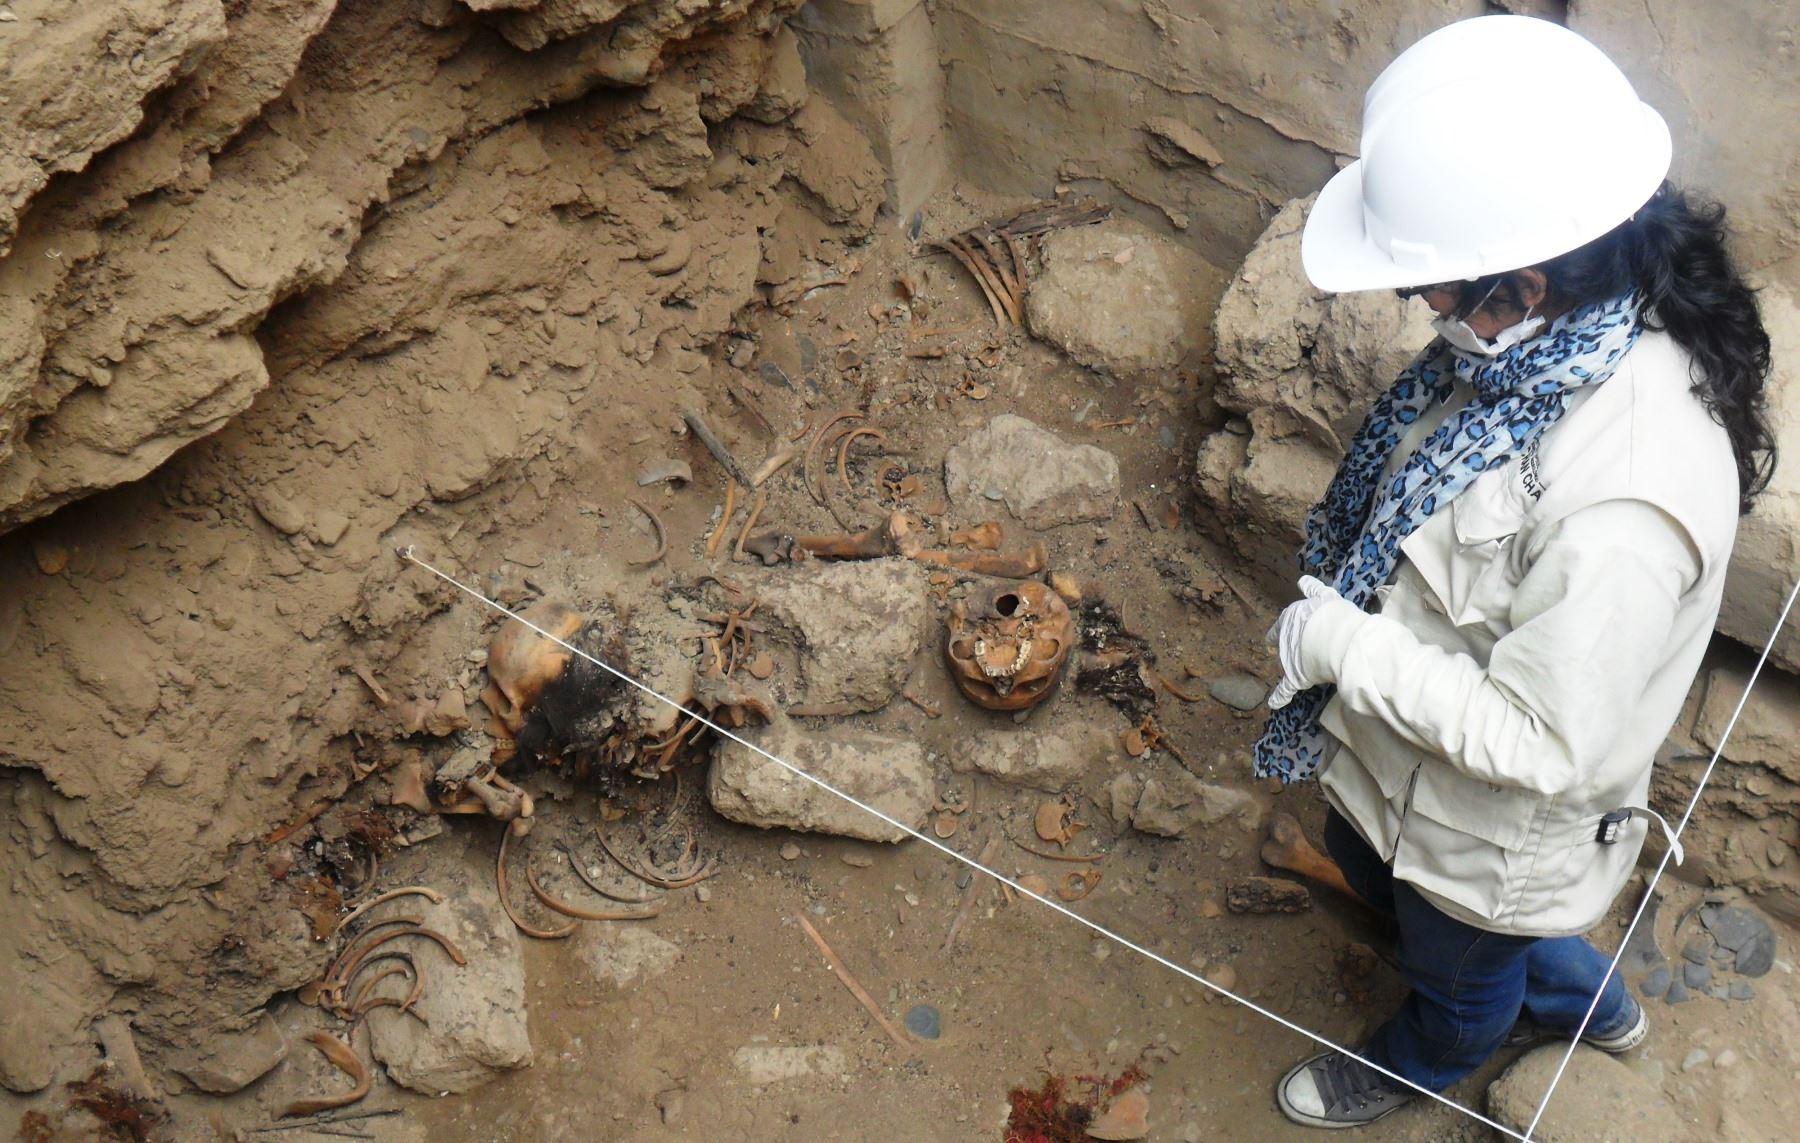 Vestigios se hallaron en el sector oeste del conjunto amurallado Xllangchic–An del complejo arqueológico Chan Chan. ANDINA